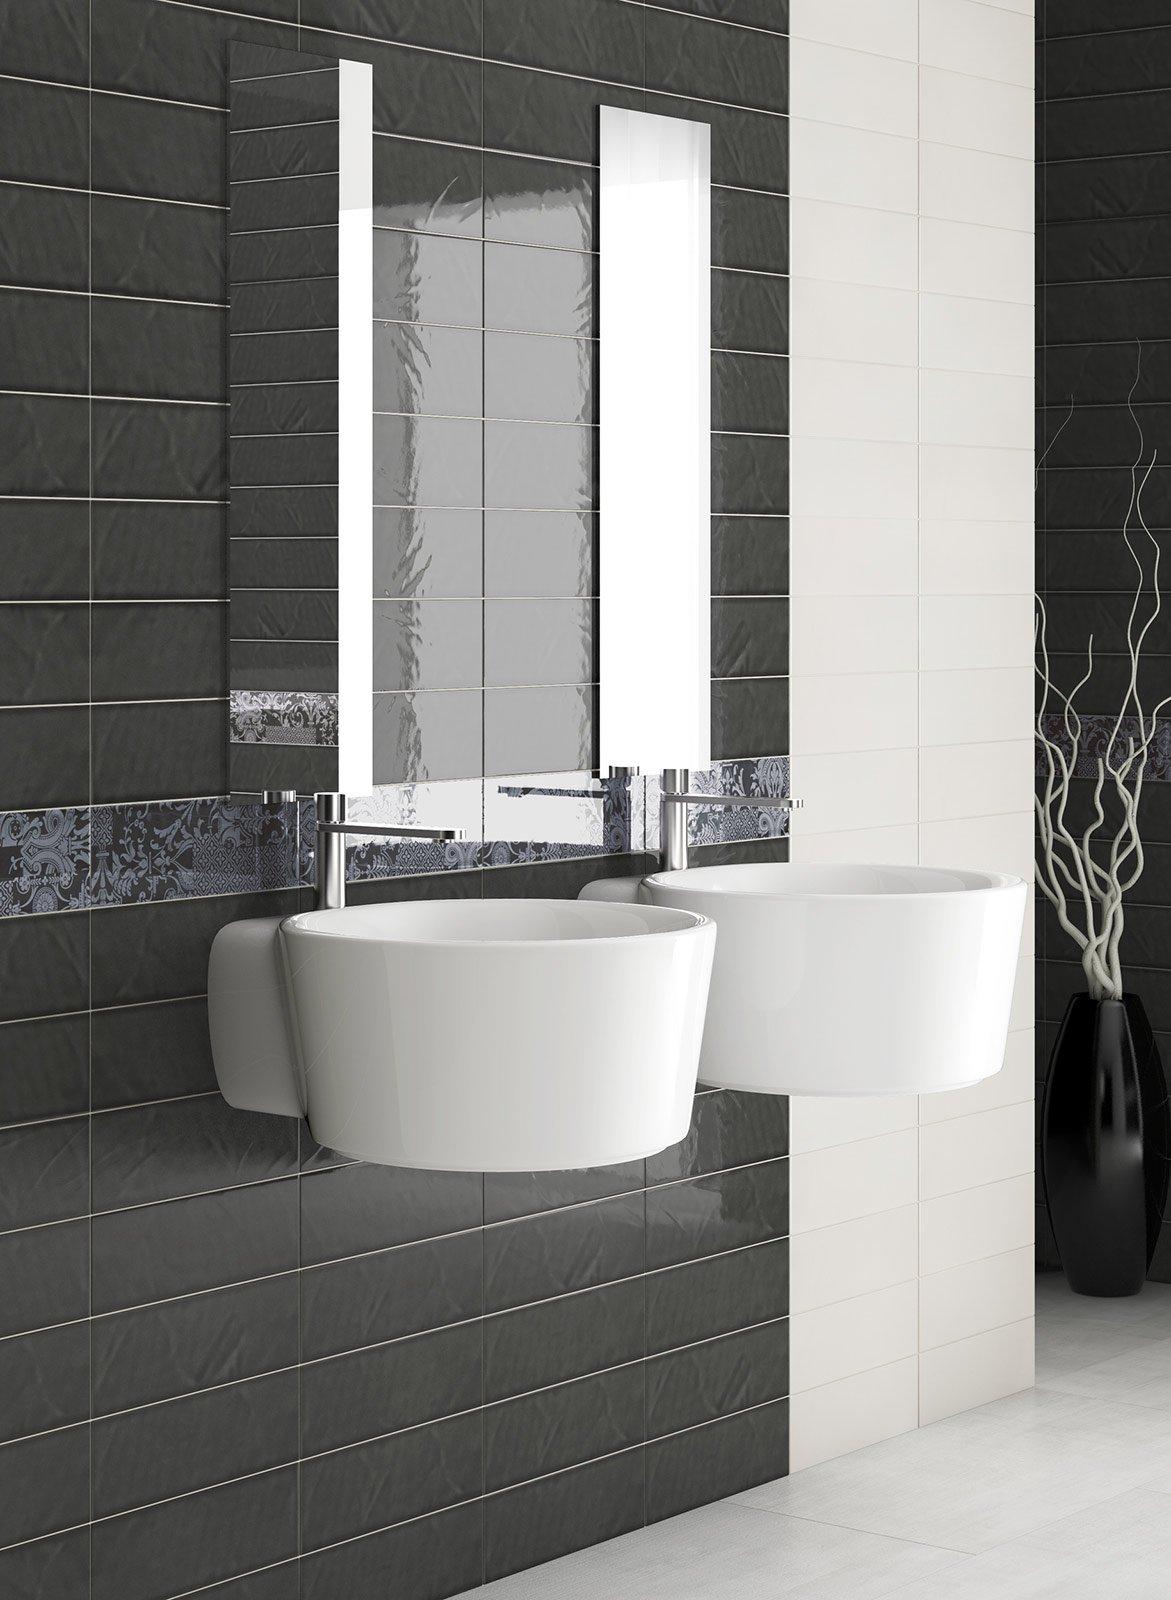 Ceramiche Per Bagno Moderno : Ceramica per bagno moderno ...